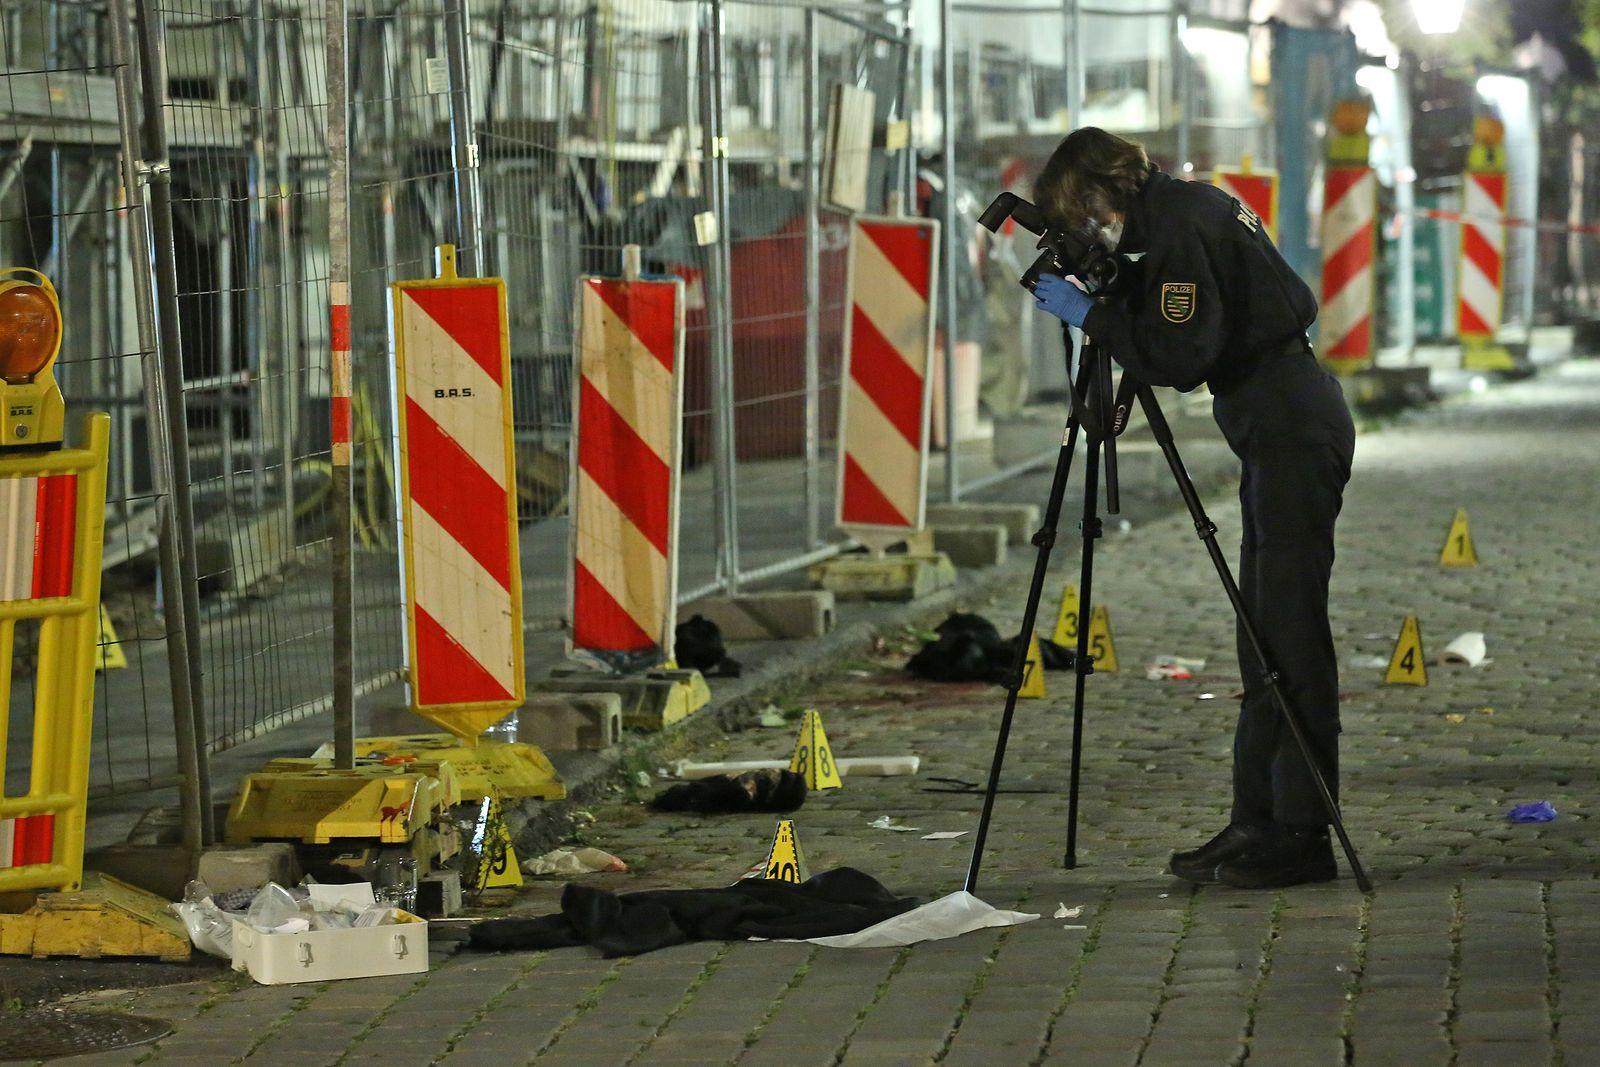 04.10.2020 (RH201004-03) Dresden - Kriminalität Tötungsdelikt in der Dresdner Innenstadt - 1 Toter, 1 Schwerverletzter